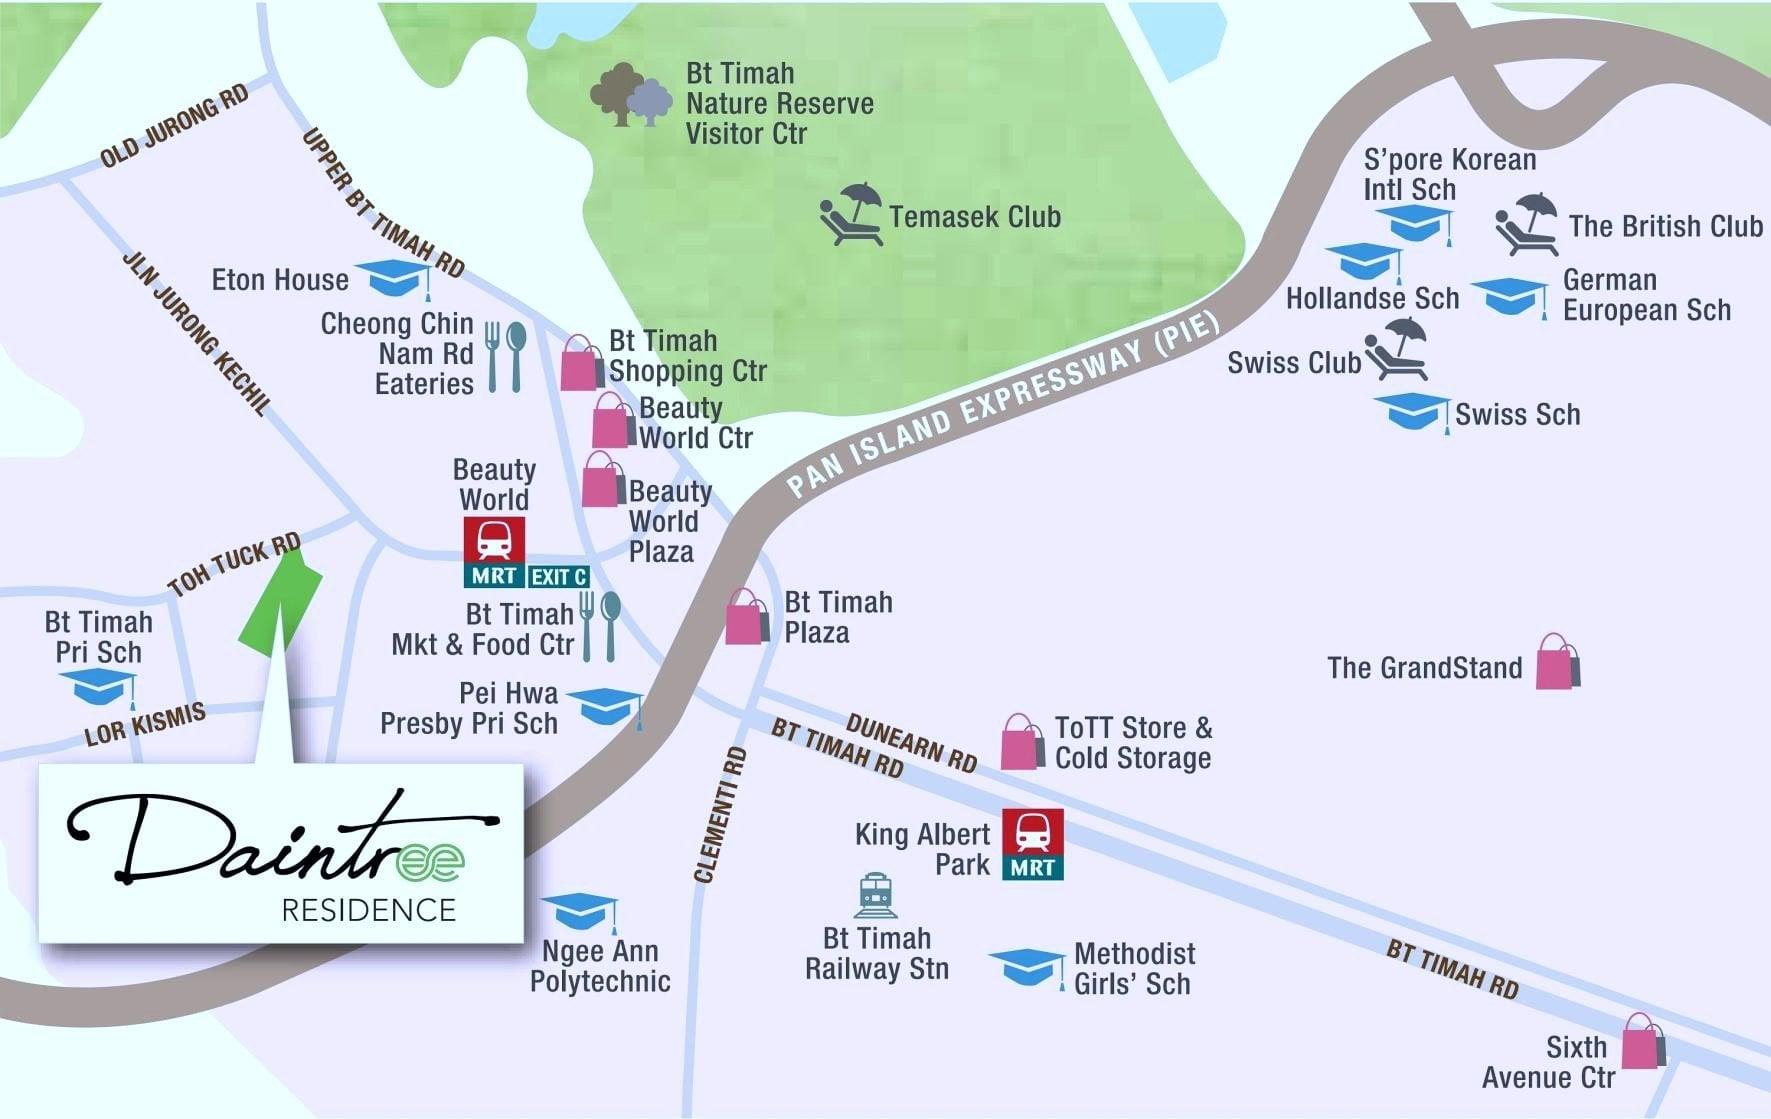 daintree-condo-location_map